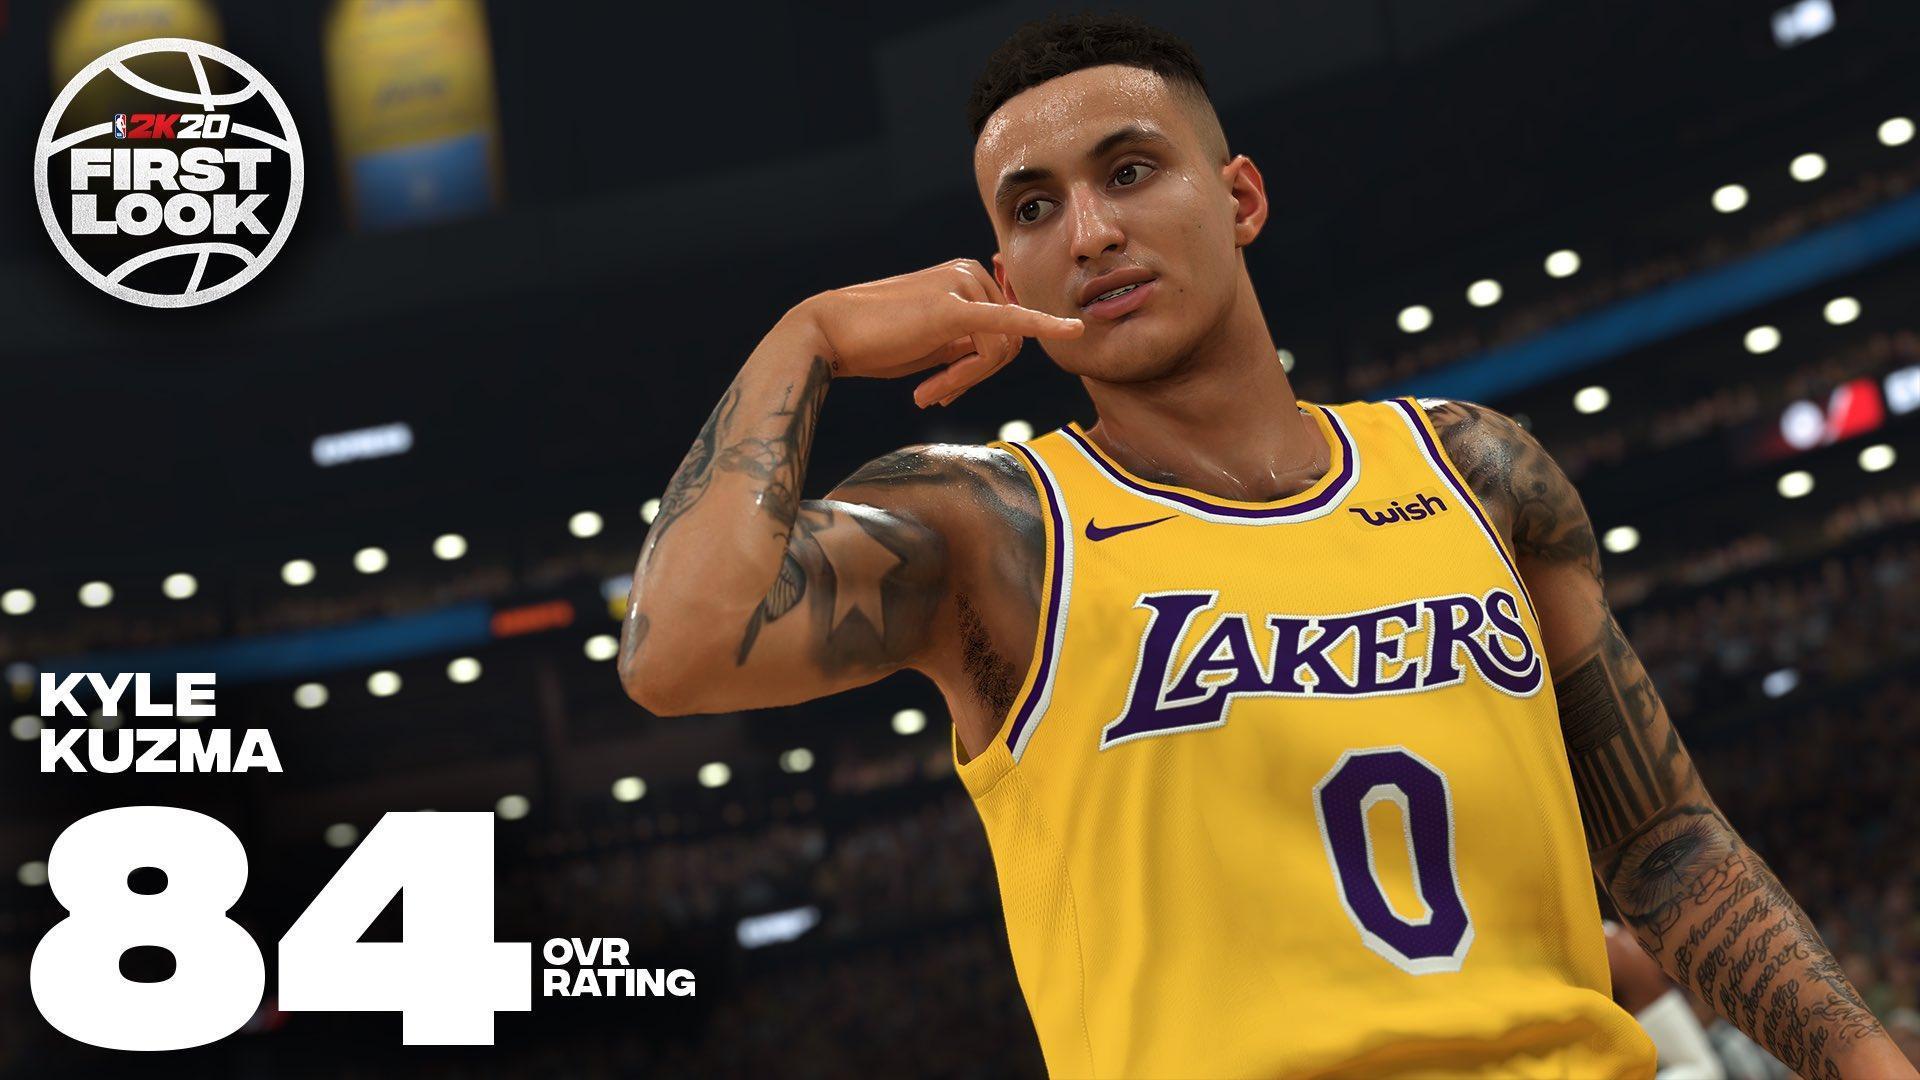 سی دی کی اریجینال استیم بازی NBA 2K20